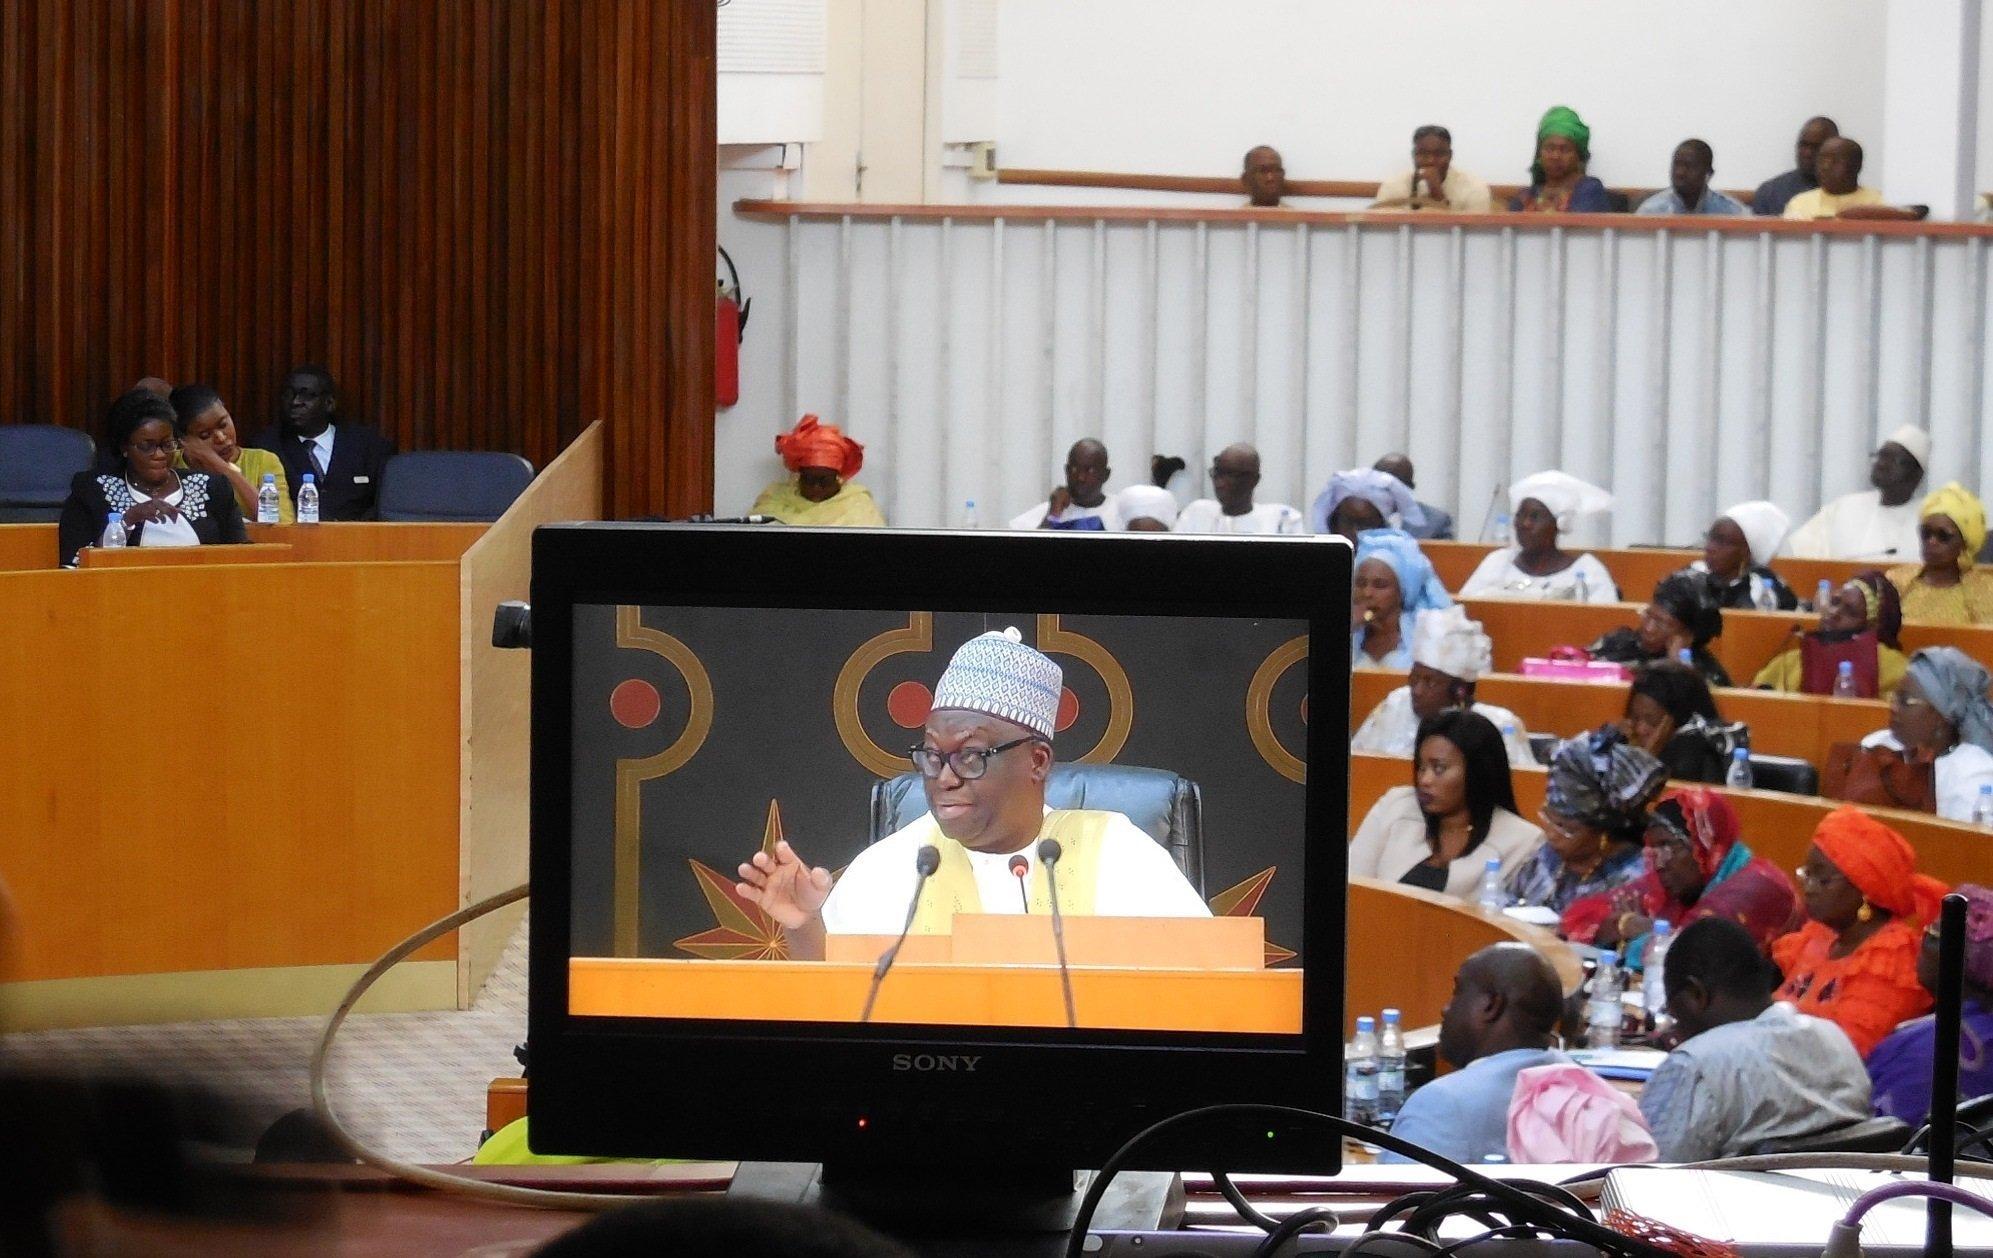 Le président de l'Assemblée nationale Moustapha Niasse (sur le moniteur) le 4 mai 2019 à Dakar, lors des débats sur le projet de loi visant à supprimer le poste de Premier ministre au Sénégal